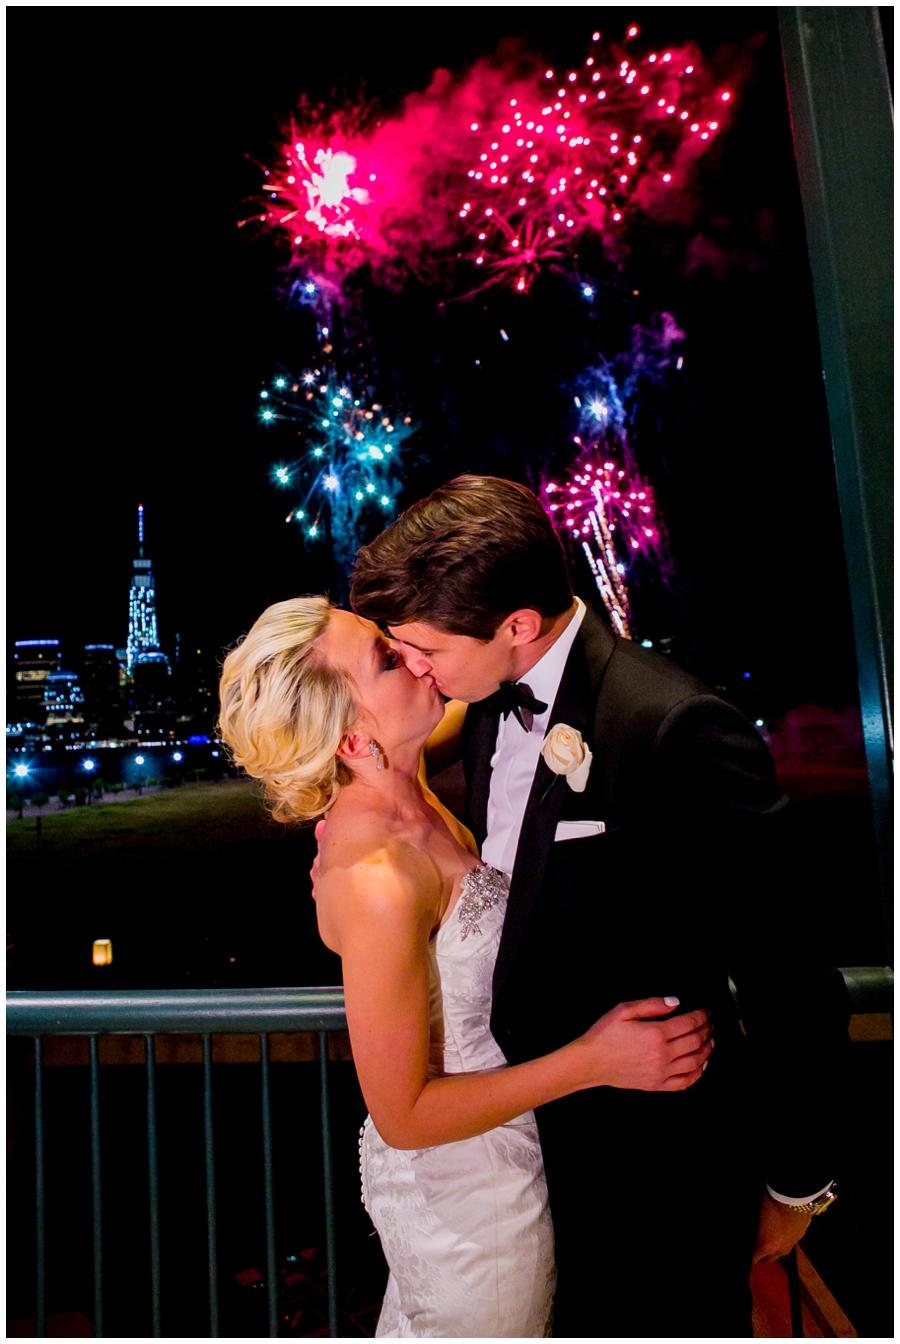 Ariane Moshayedi Photography - Wedding Photographer Orange County Newport Beach_0265.jpg